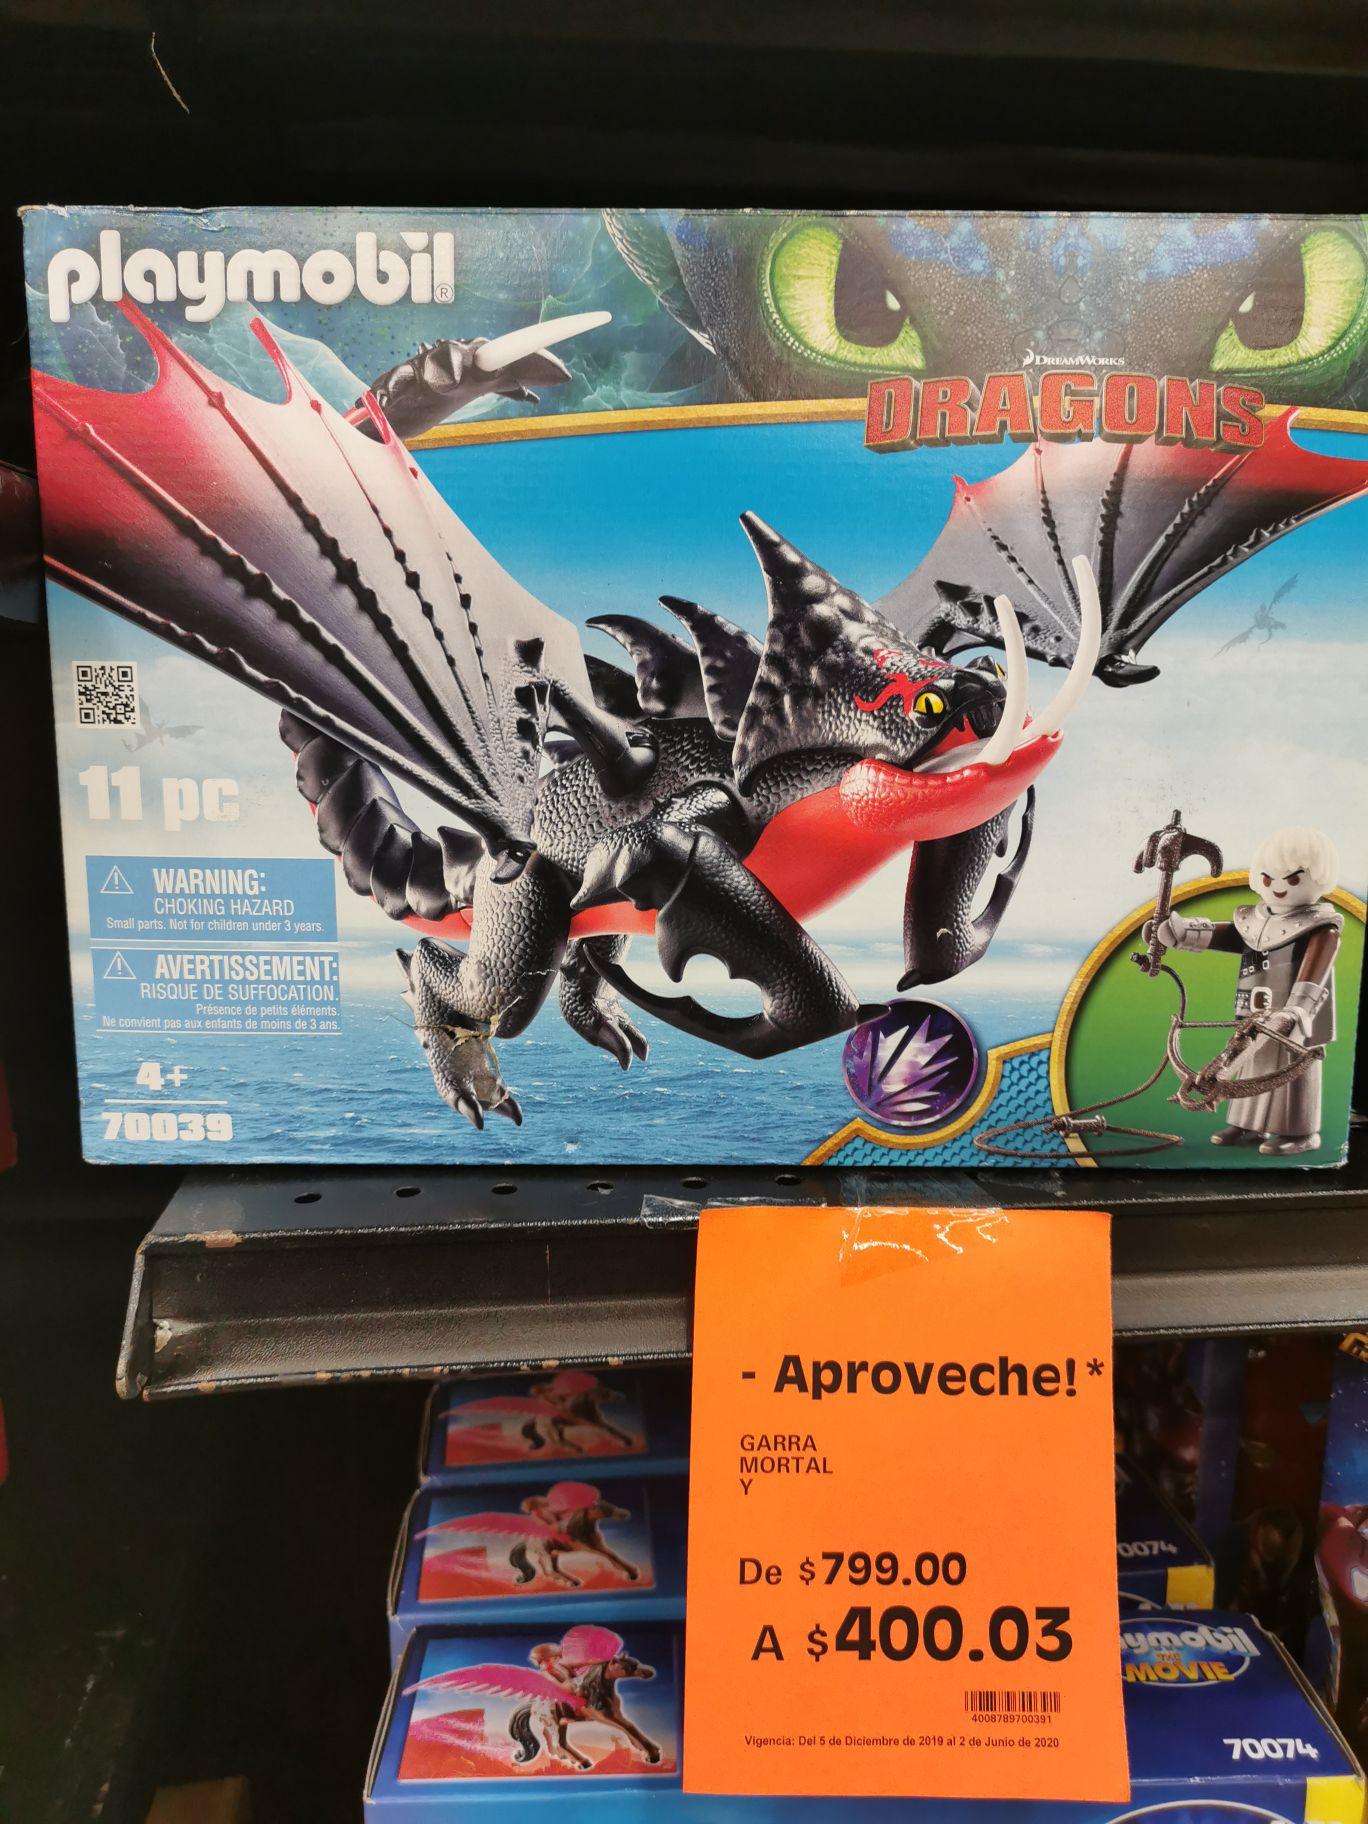 La Comer: Liquidación de dragón de playmobil y más